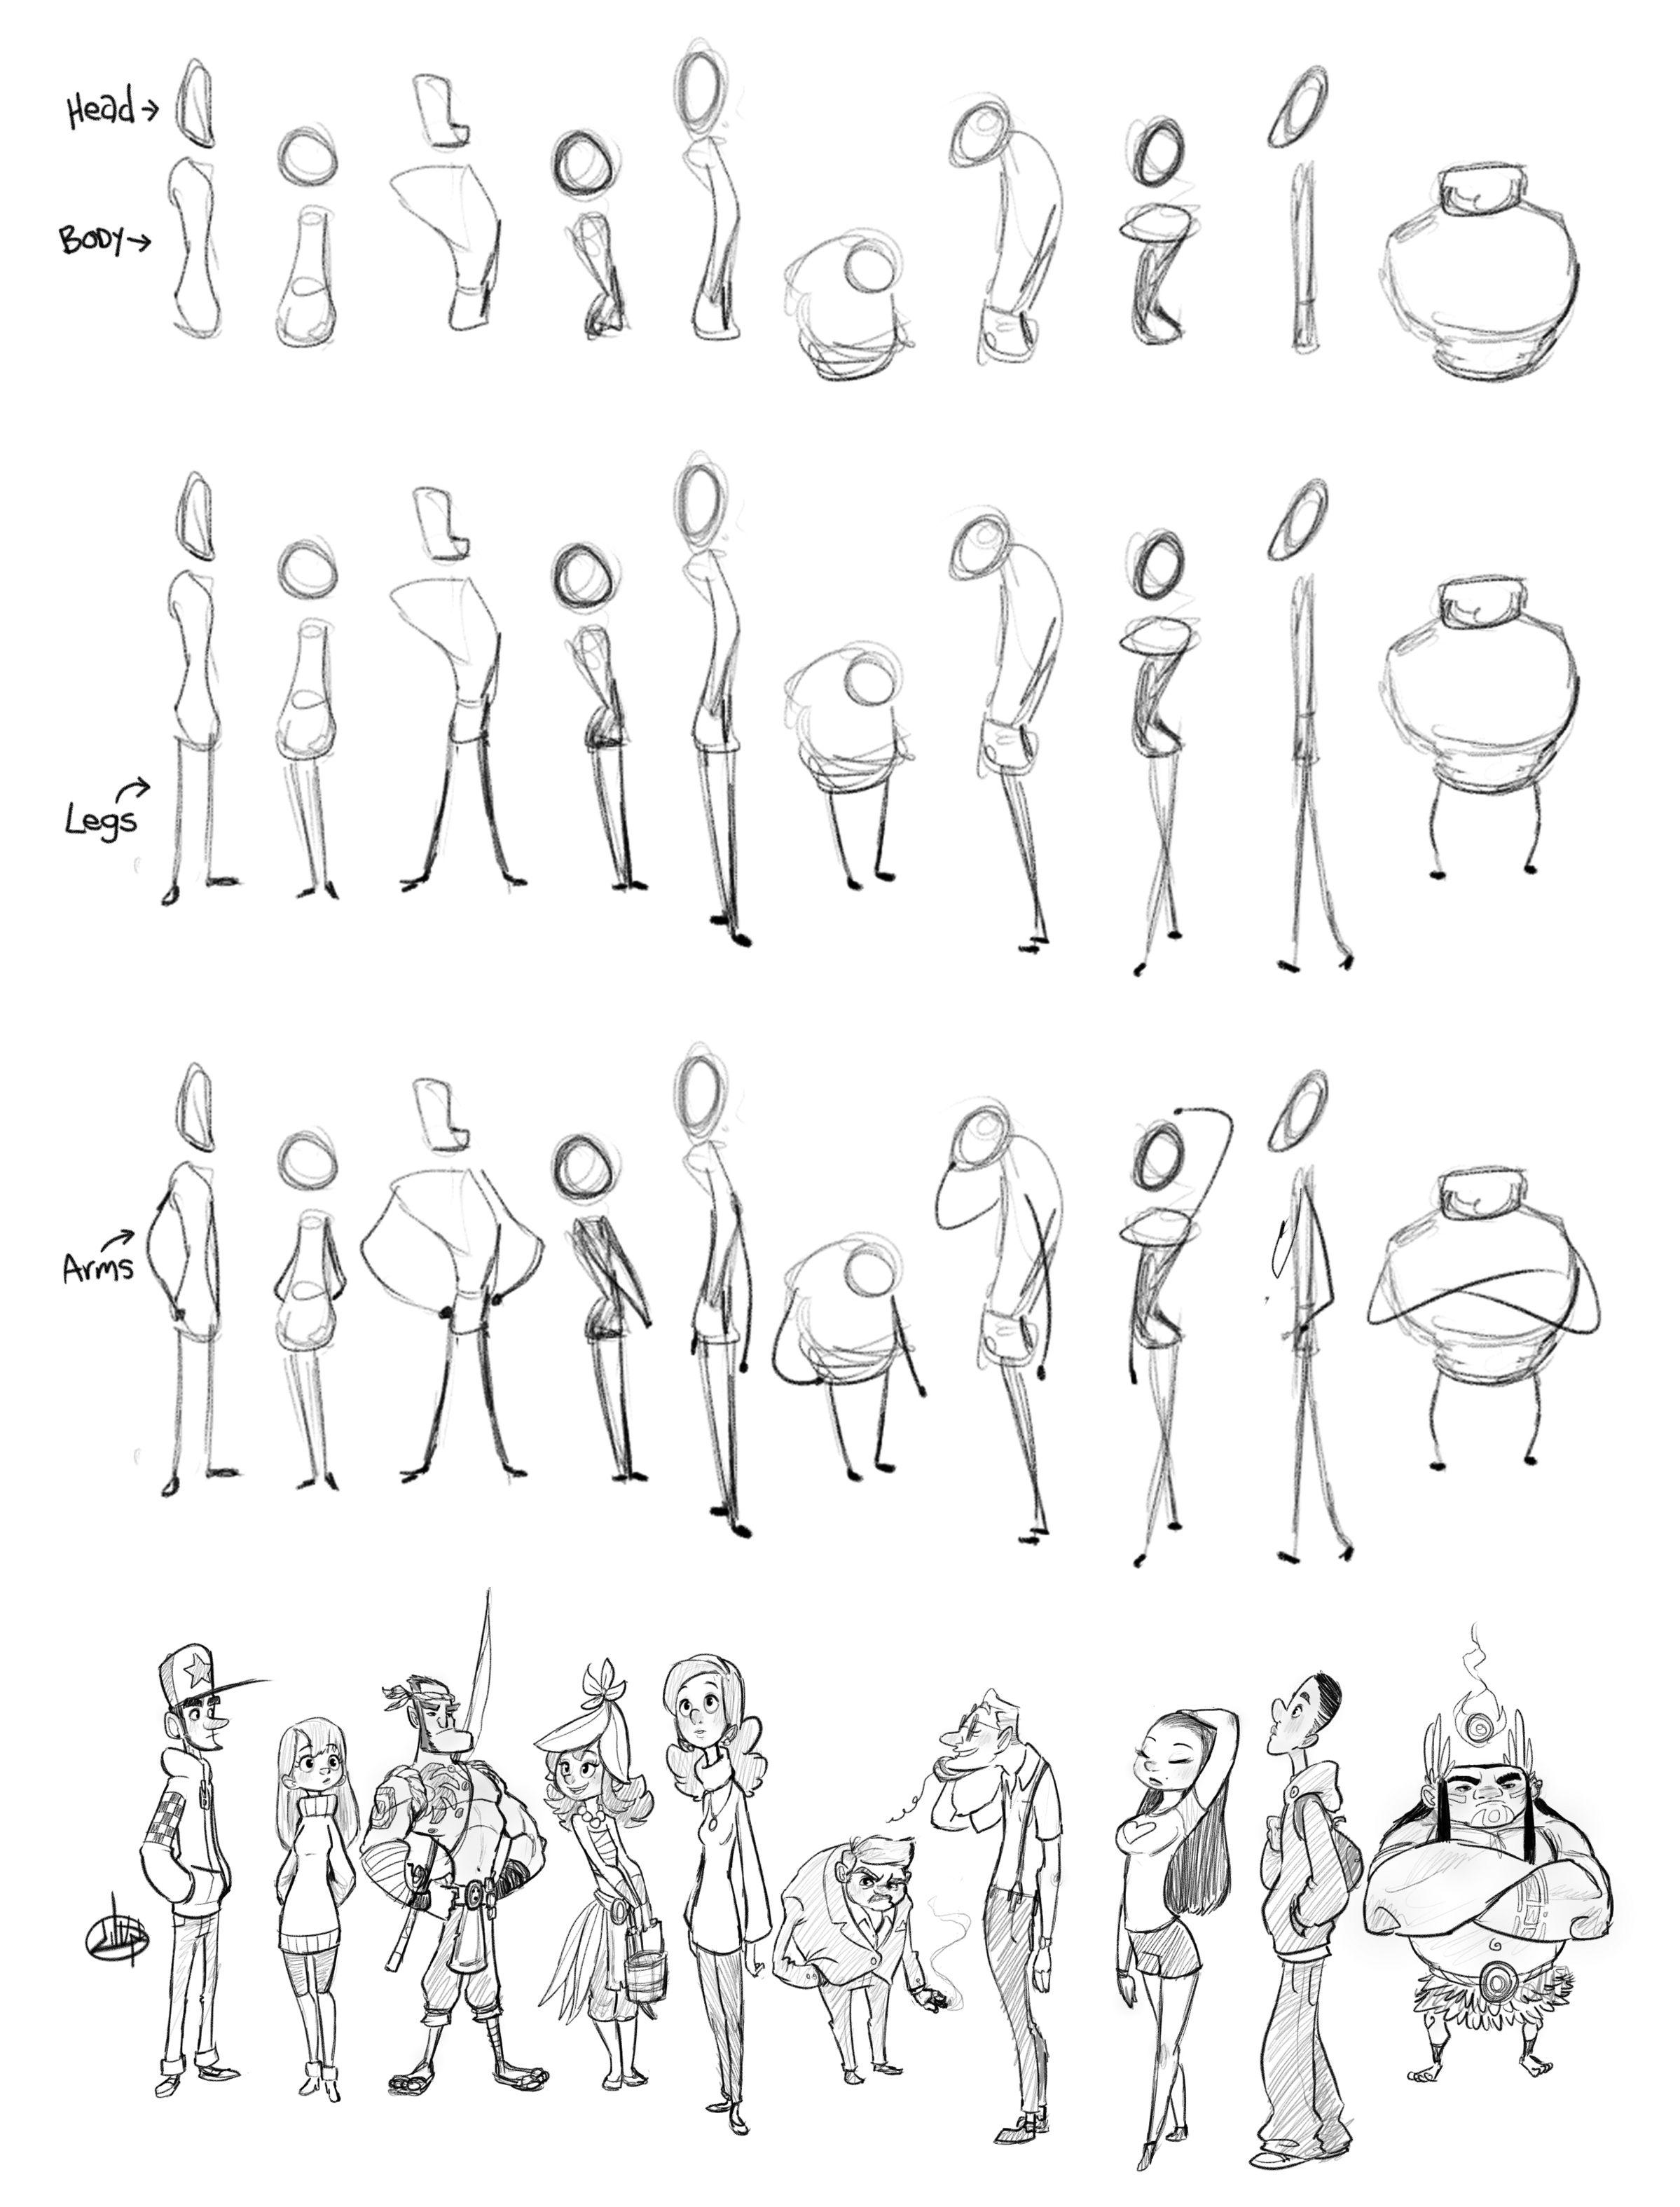 Body shape design luigiL – Skizzenhaftes Zeichnen